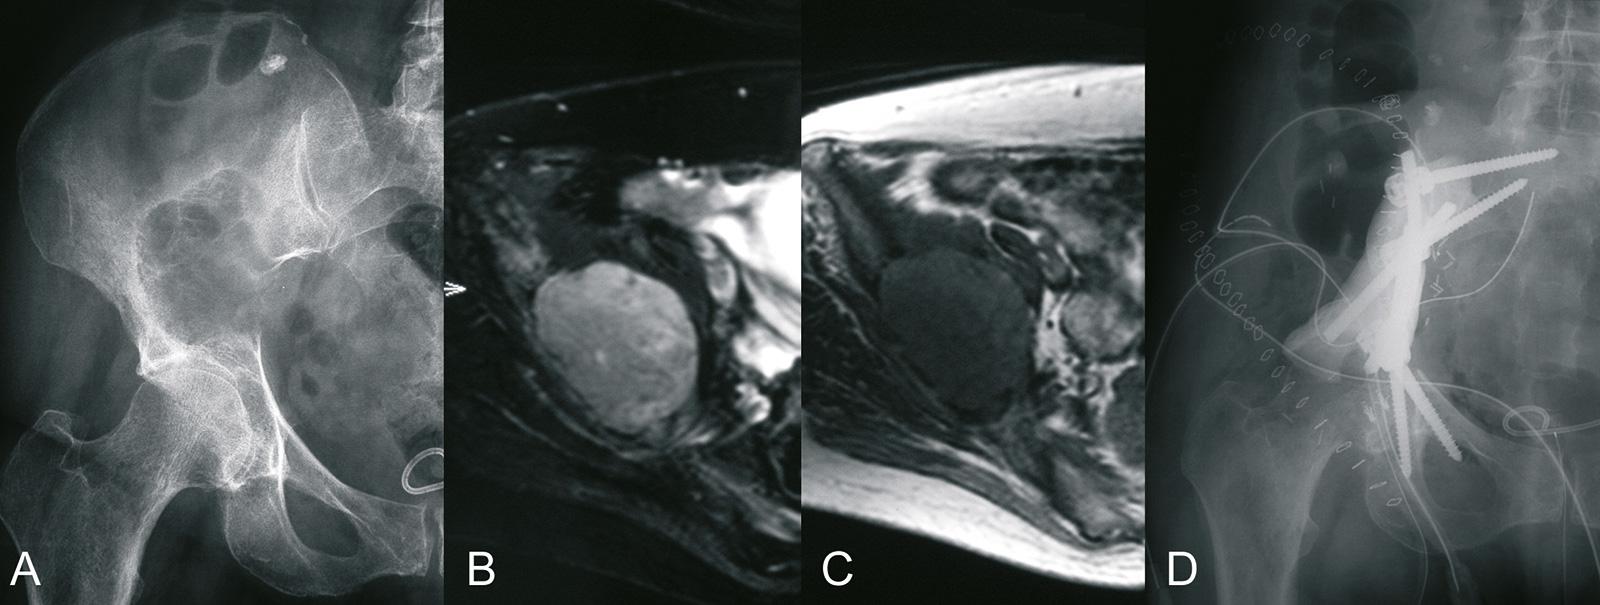 Abb. 8-81: Differentialdiagnose: 63-jährige Patientin mit einem primären Knochensarkom: natives Röntgenbild (A), MRT-Bildgebung (B,C), nach P1 Beckenteilresektion und Rekonstruktion mit Pedikelschrauben und Stab (D) (Eigentum des Instituts für Klinische R